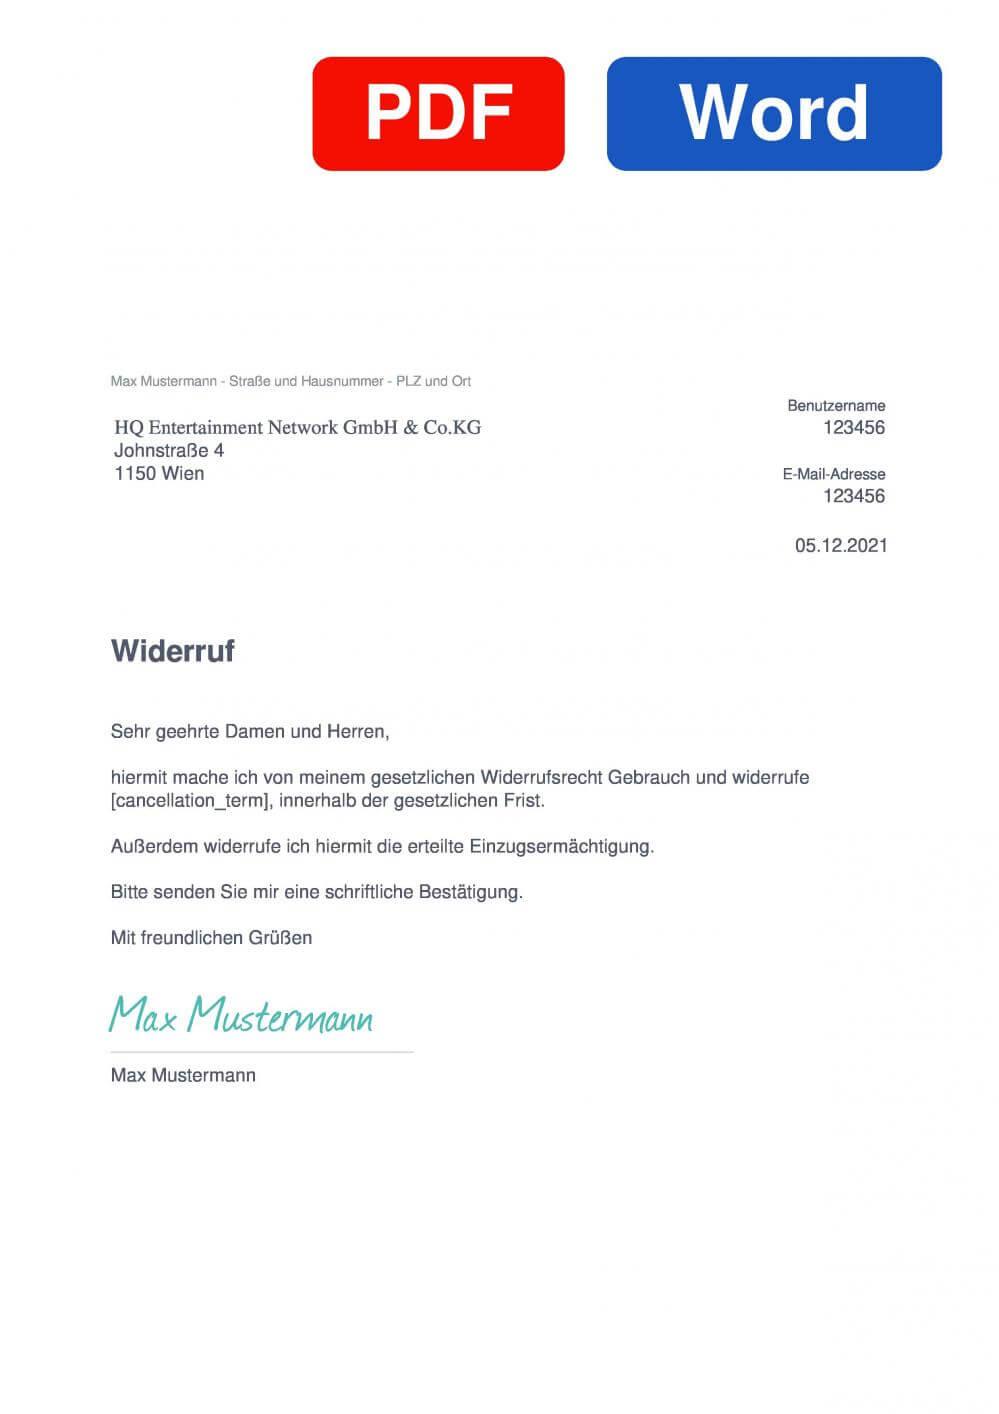 Treffpunkt18 Muster Vorlage für Wiederrufsschreiben